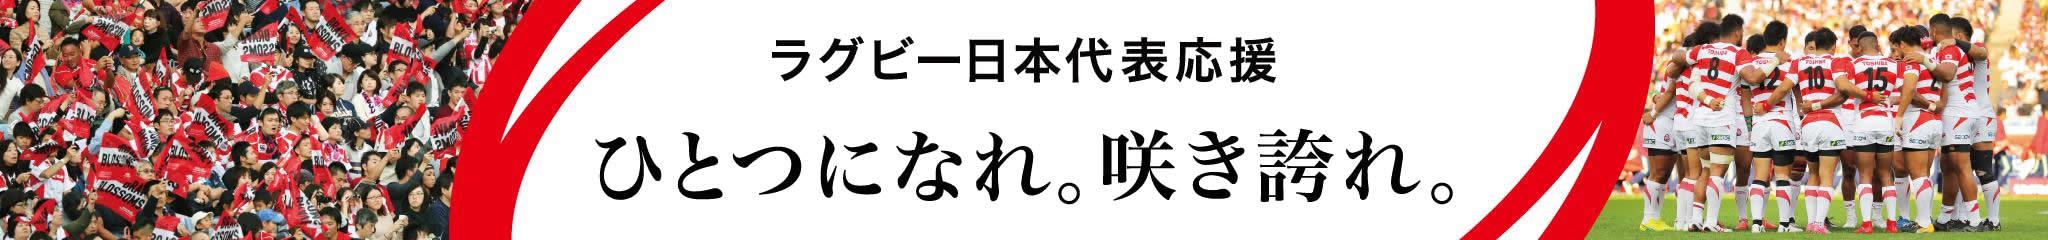 ラグビー日本代表応援 ひとつになれ。咲き誇れ。 リポビタンD チャレンジカップ2018